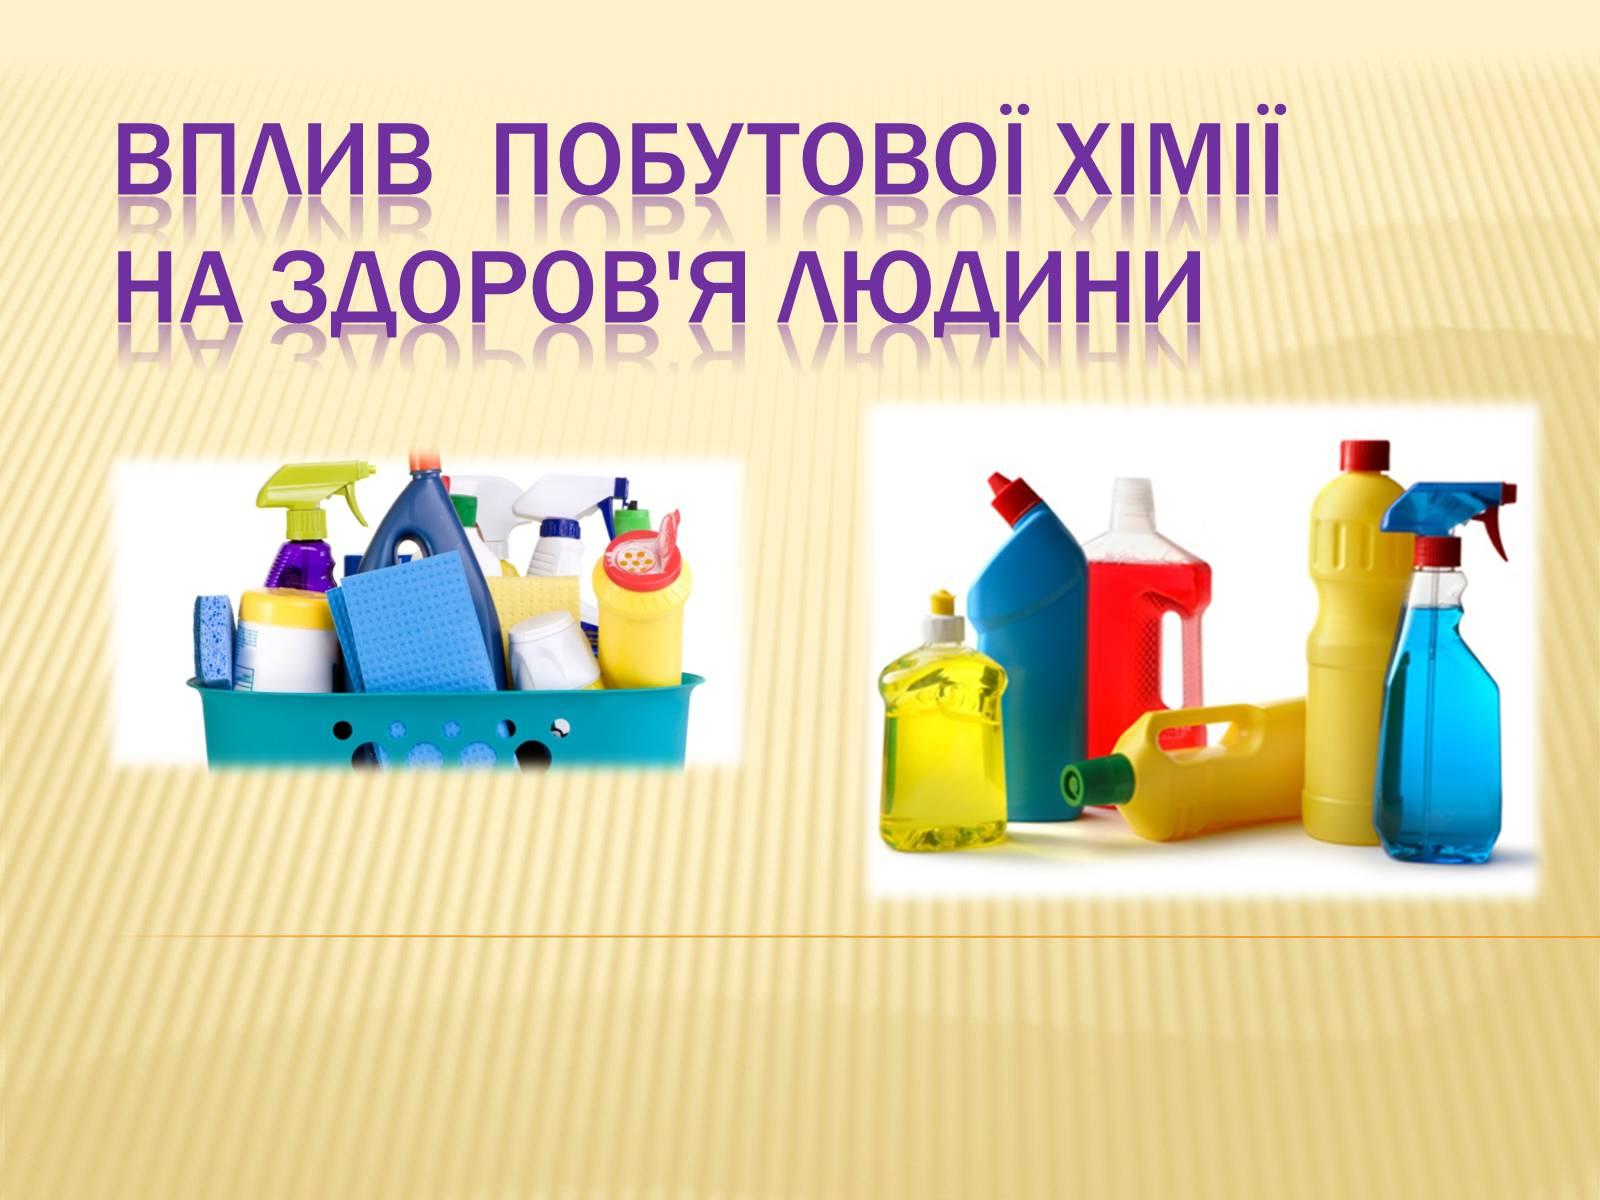 Презентація на тему Побутова Хімія (варіант 1) — презентації з хімії ... c5579290a7475